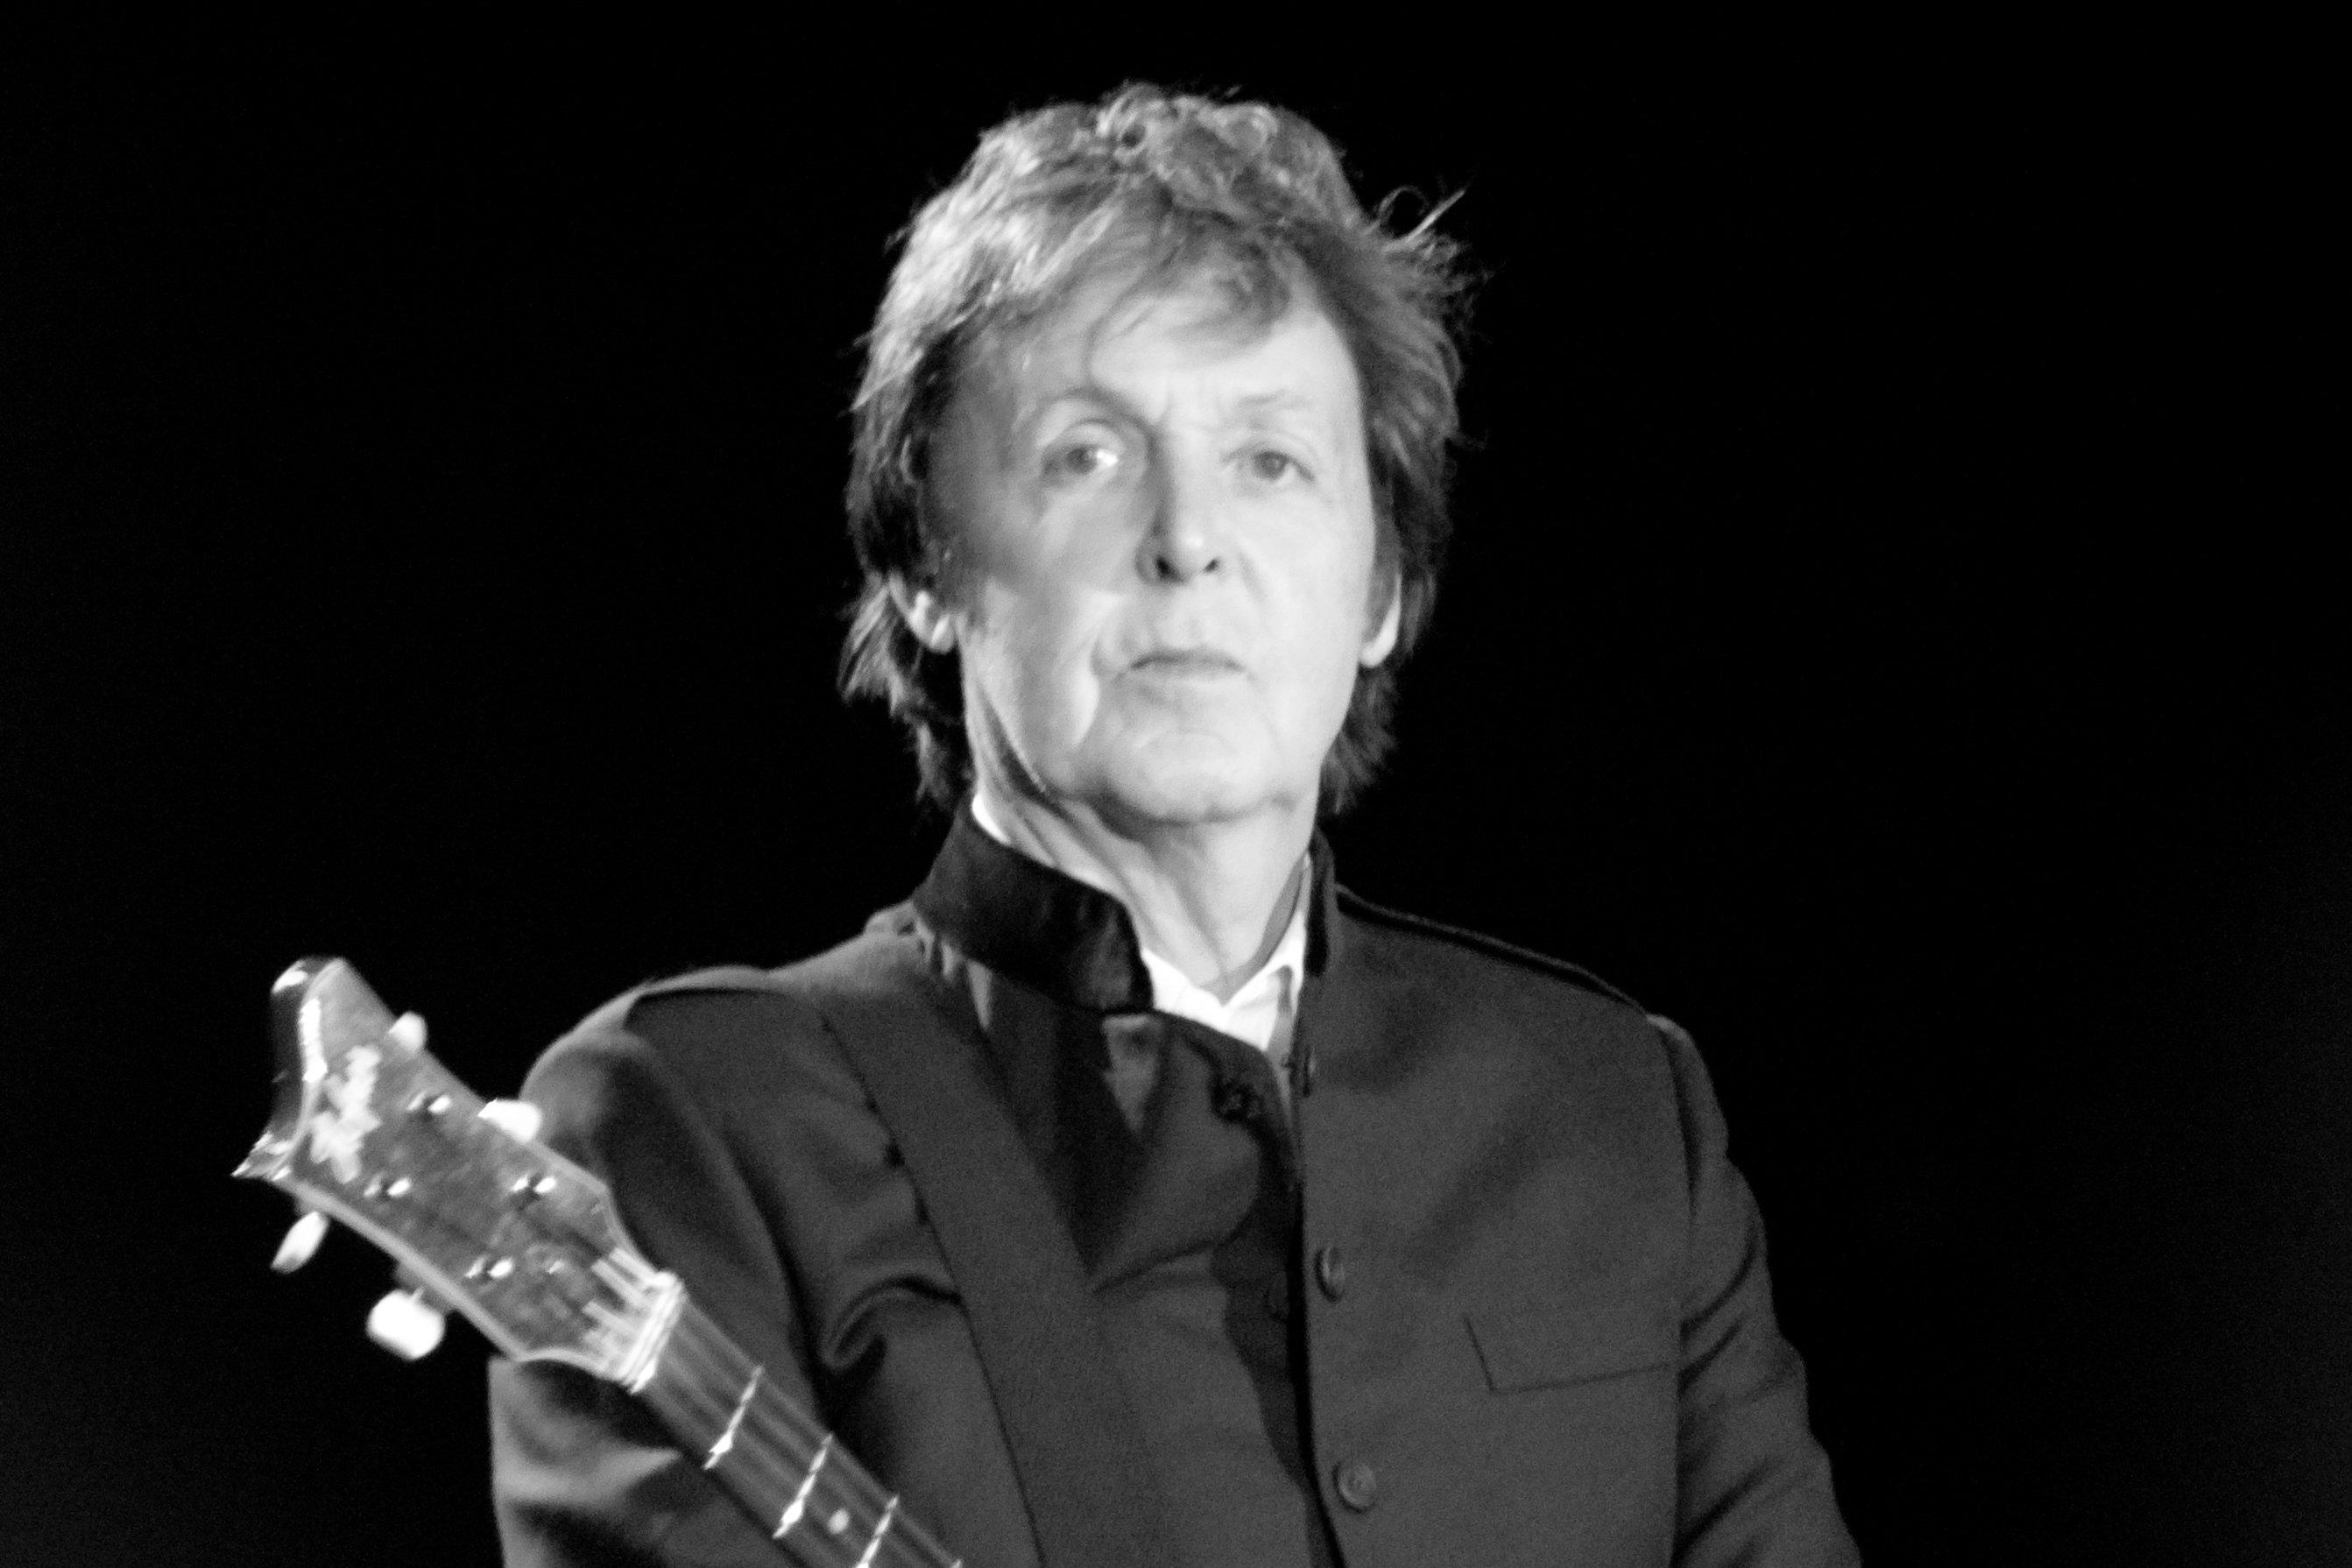 Пол Маккартни подал в суд из-за песен The Beatles